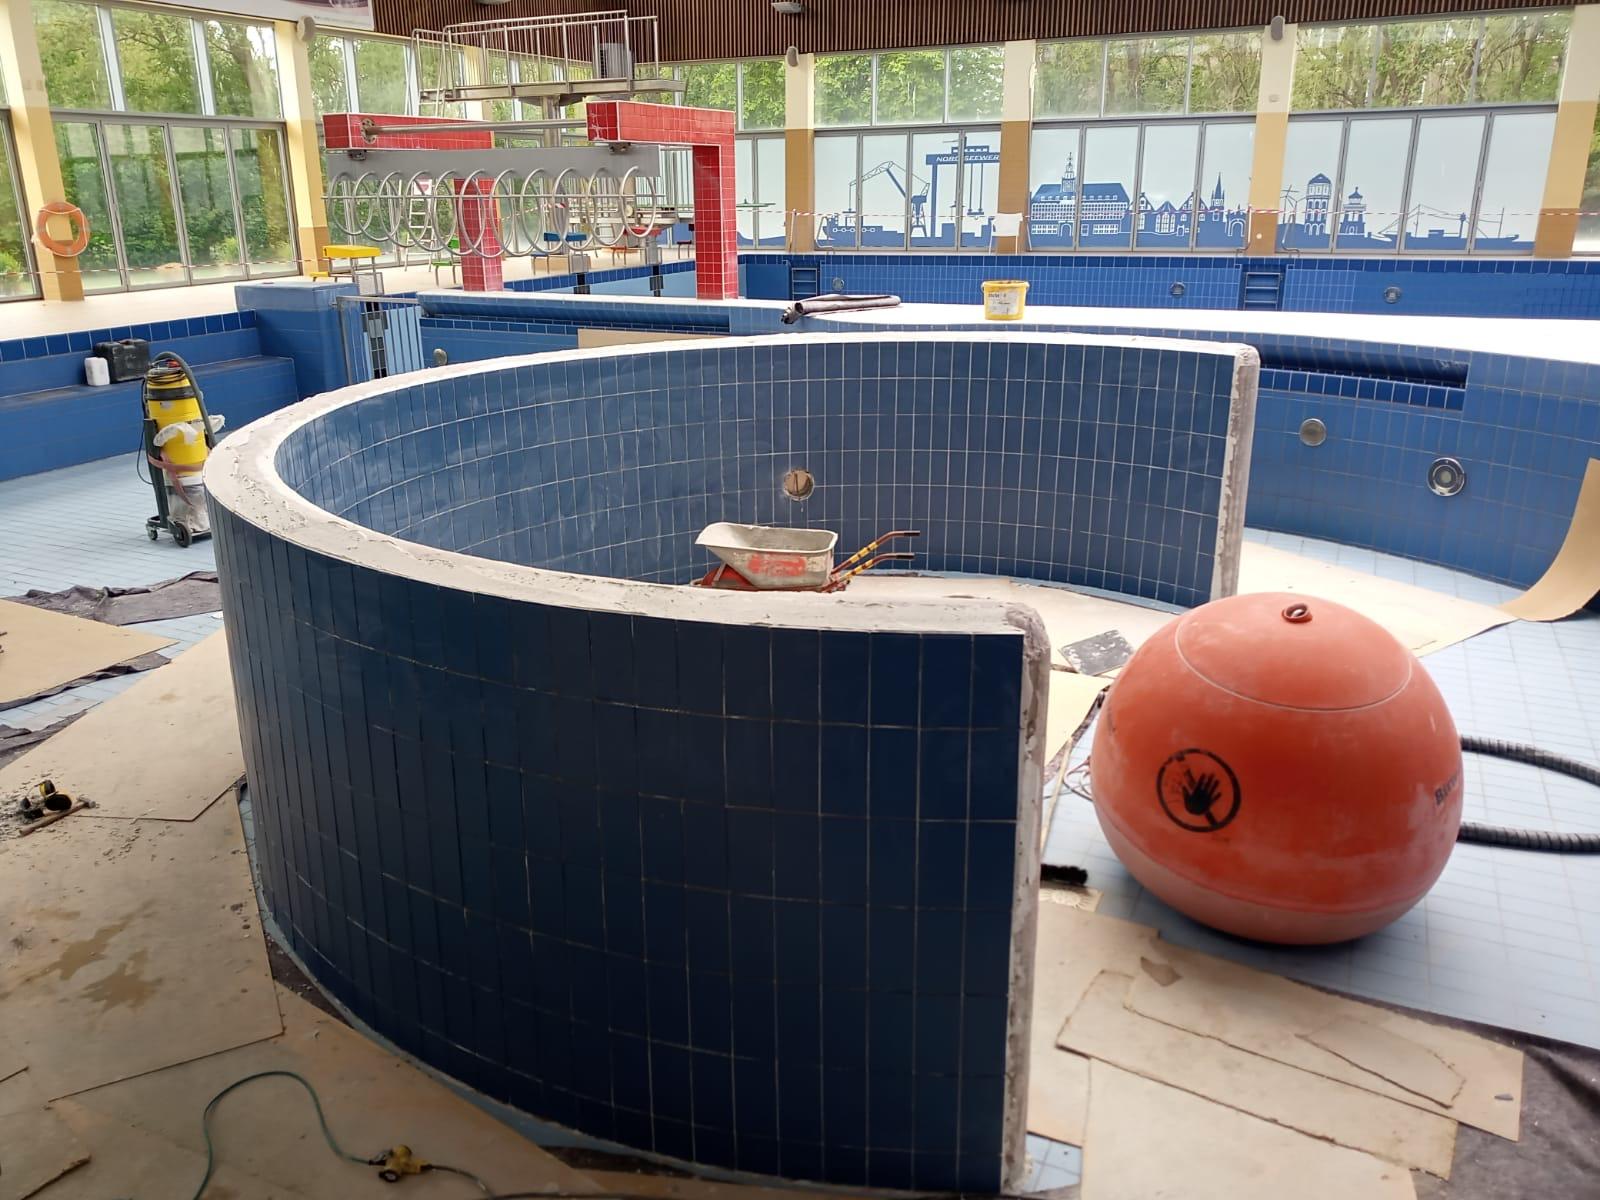 Firma Isenburg verfugt die neu verlegten Fliesen rund um den Wellenball